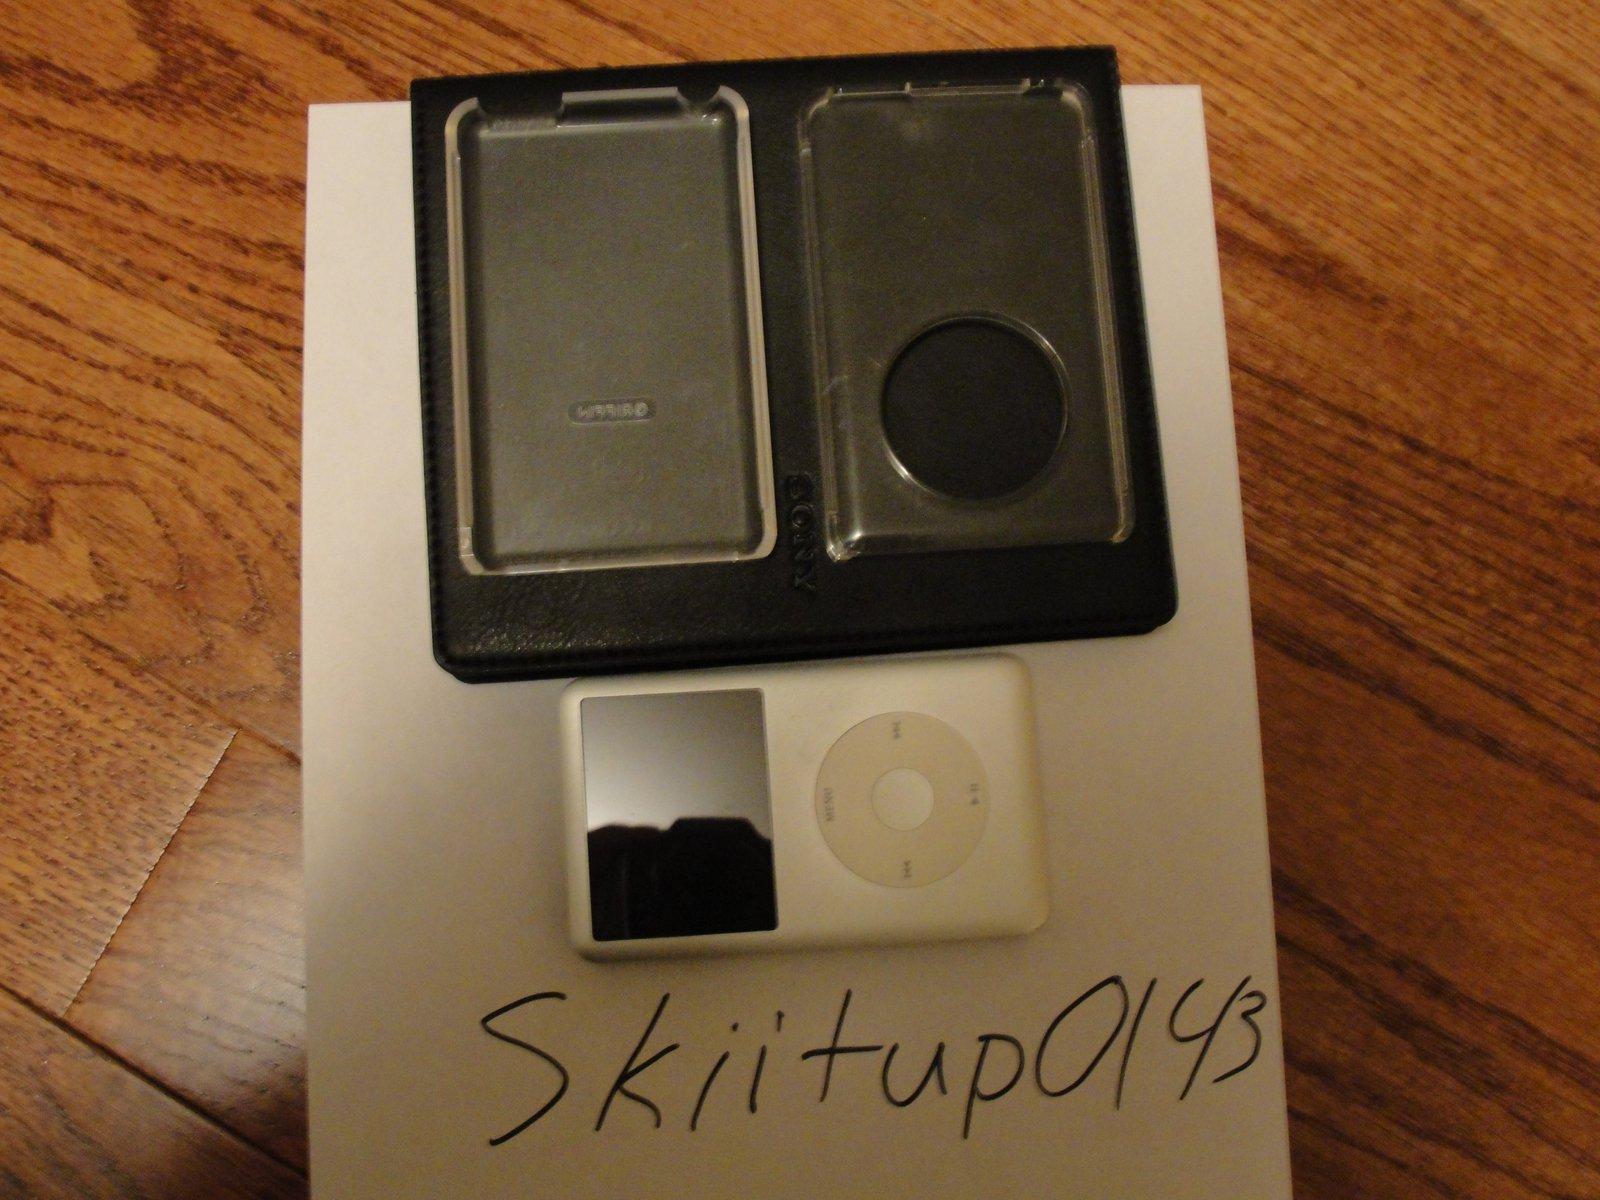 I-Pod Video 80 GB